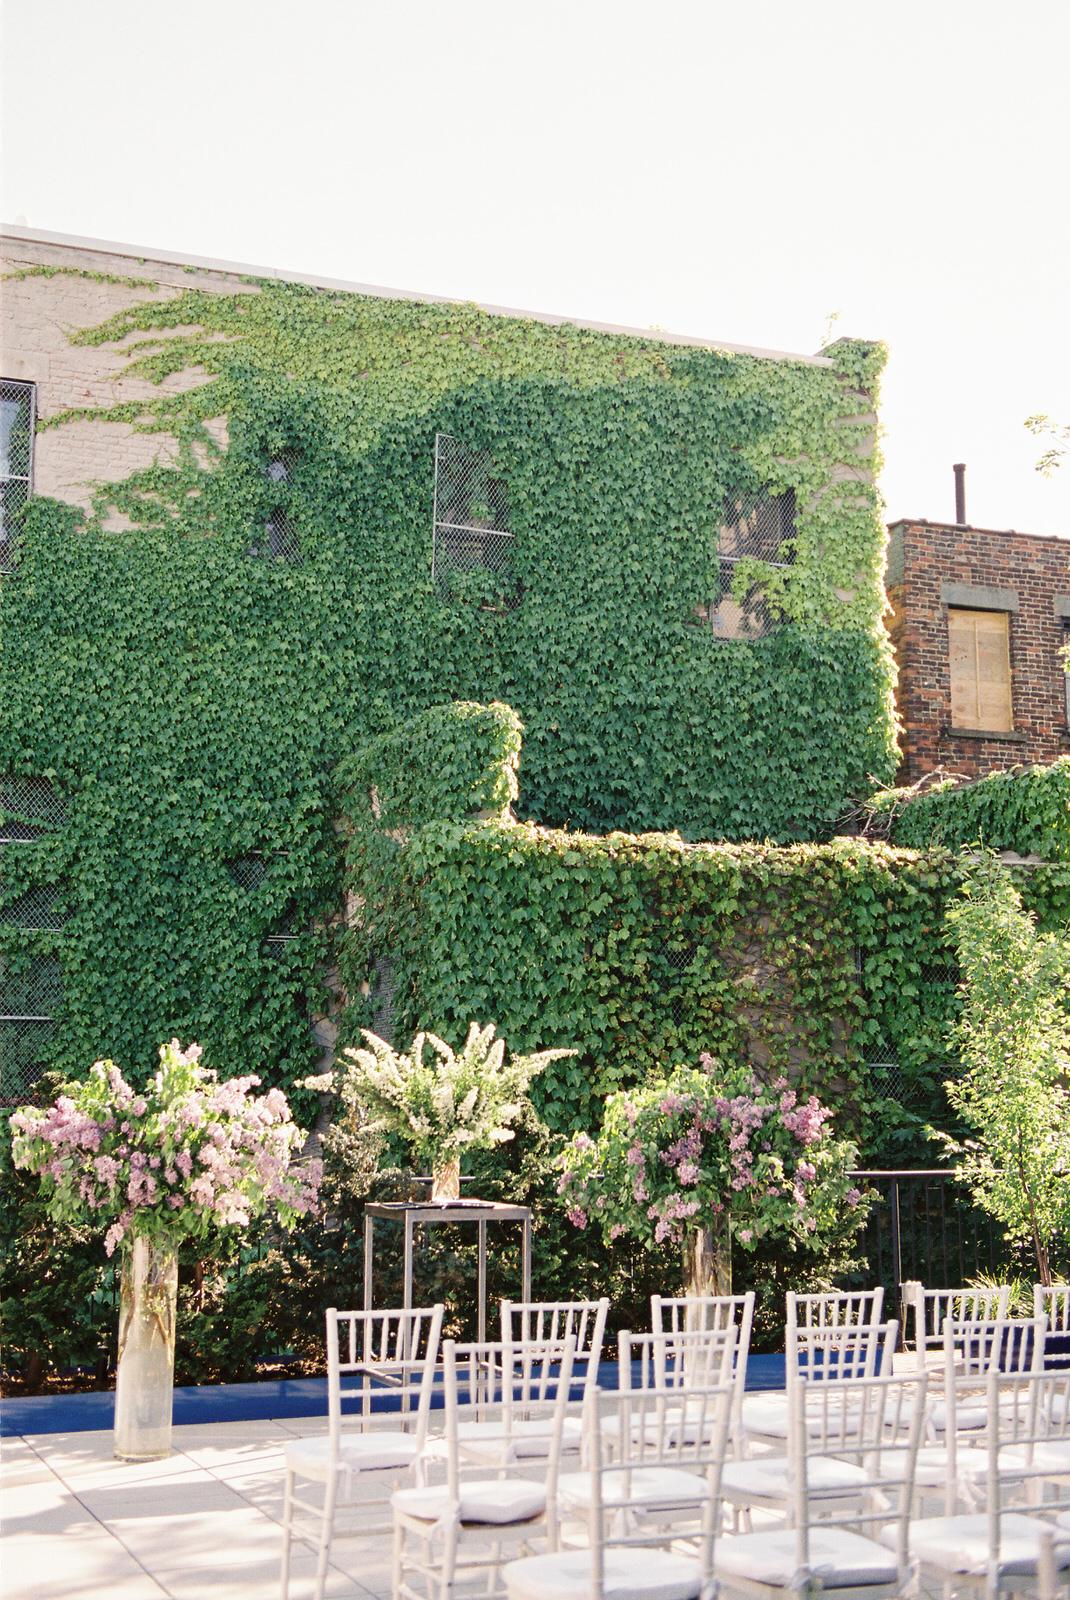 BATHHOUSE STUDIOS, NYC